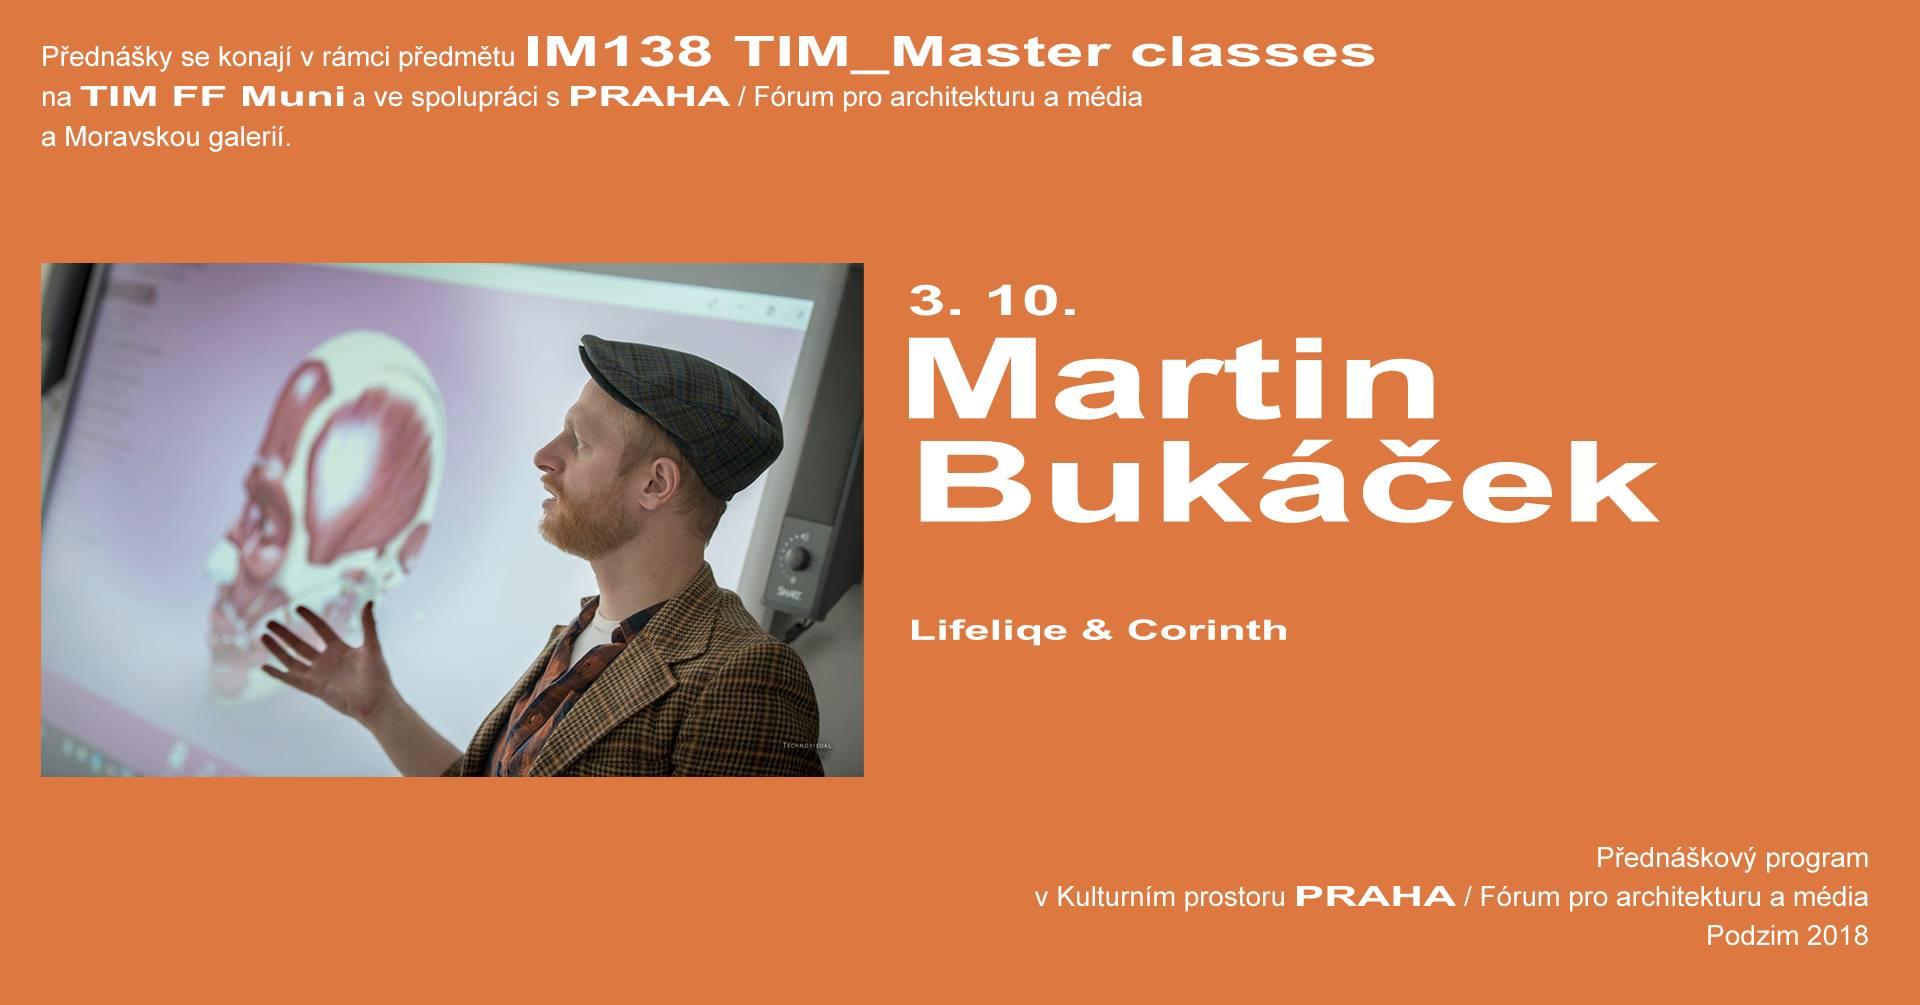 ST / 3.10. / 19.00 / TIM Master class: Martin Bukáček – Lifeliqe & Corinth education / přednáška, diskuse